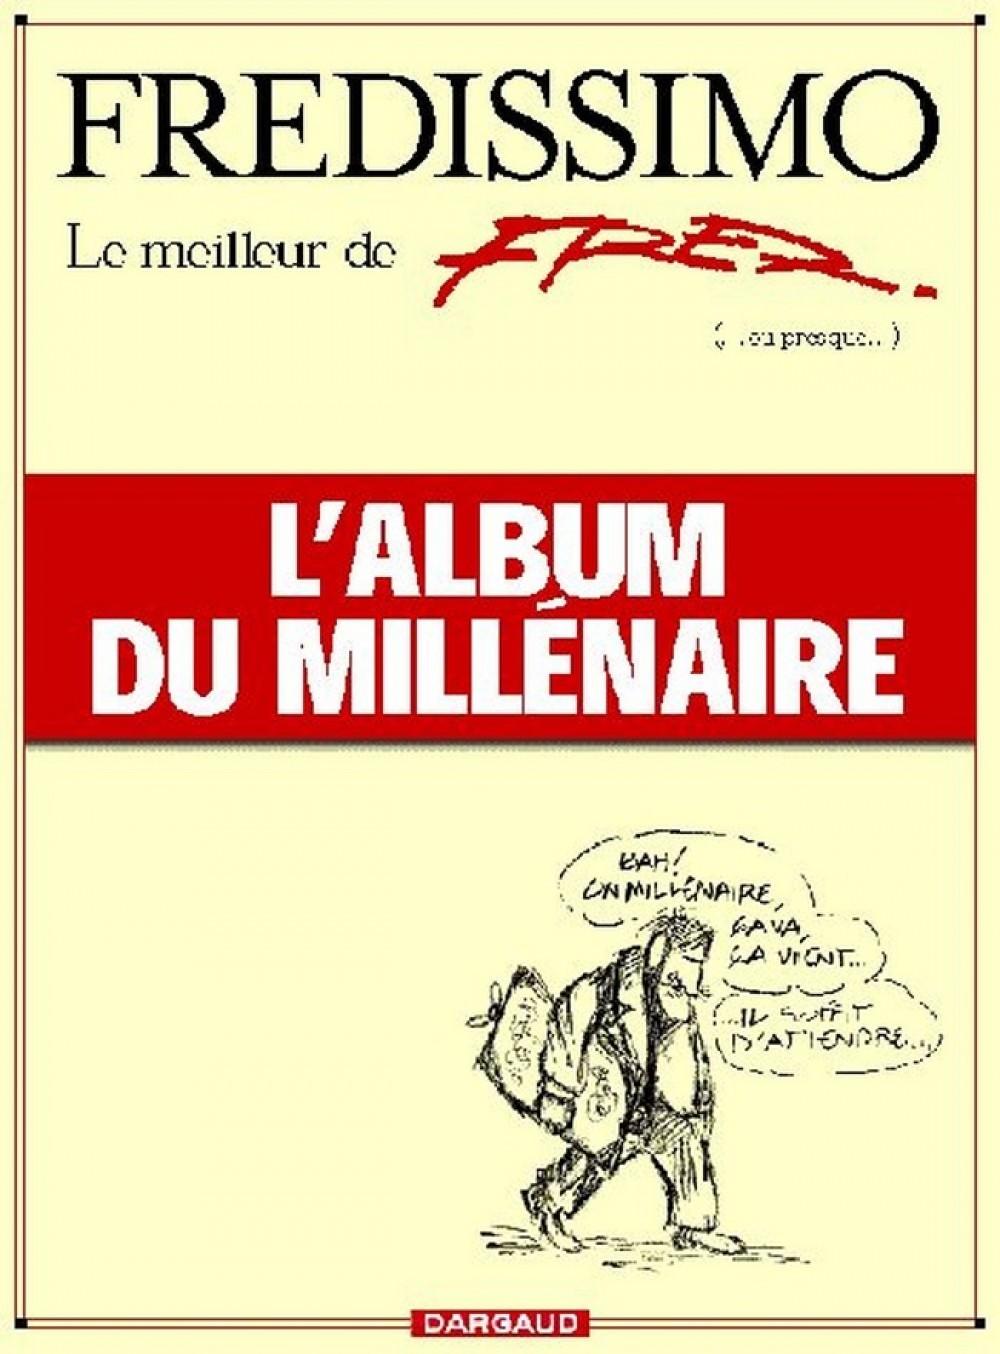 FREDISSIMO INTEGRALE FREDISSIMO LE MEILLEUR DE FRED L'ALBUM DU MILLENAIRE